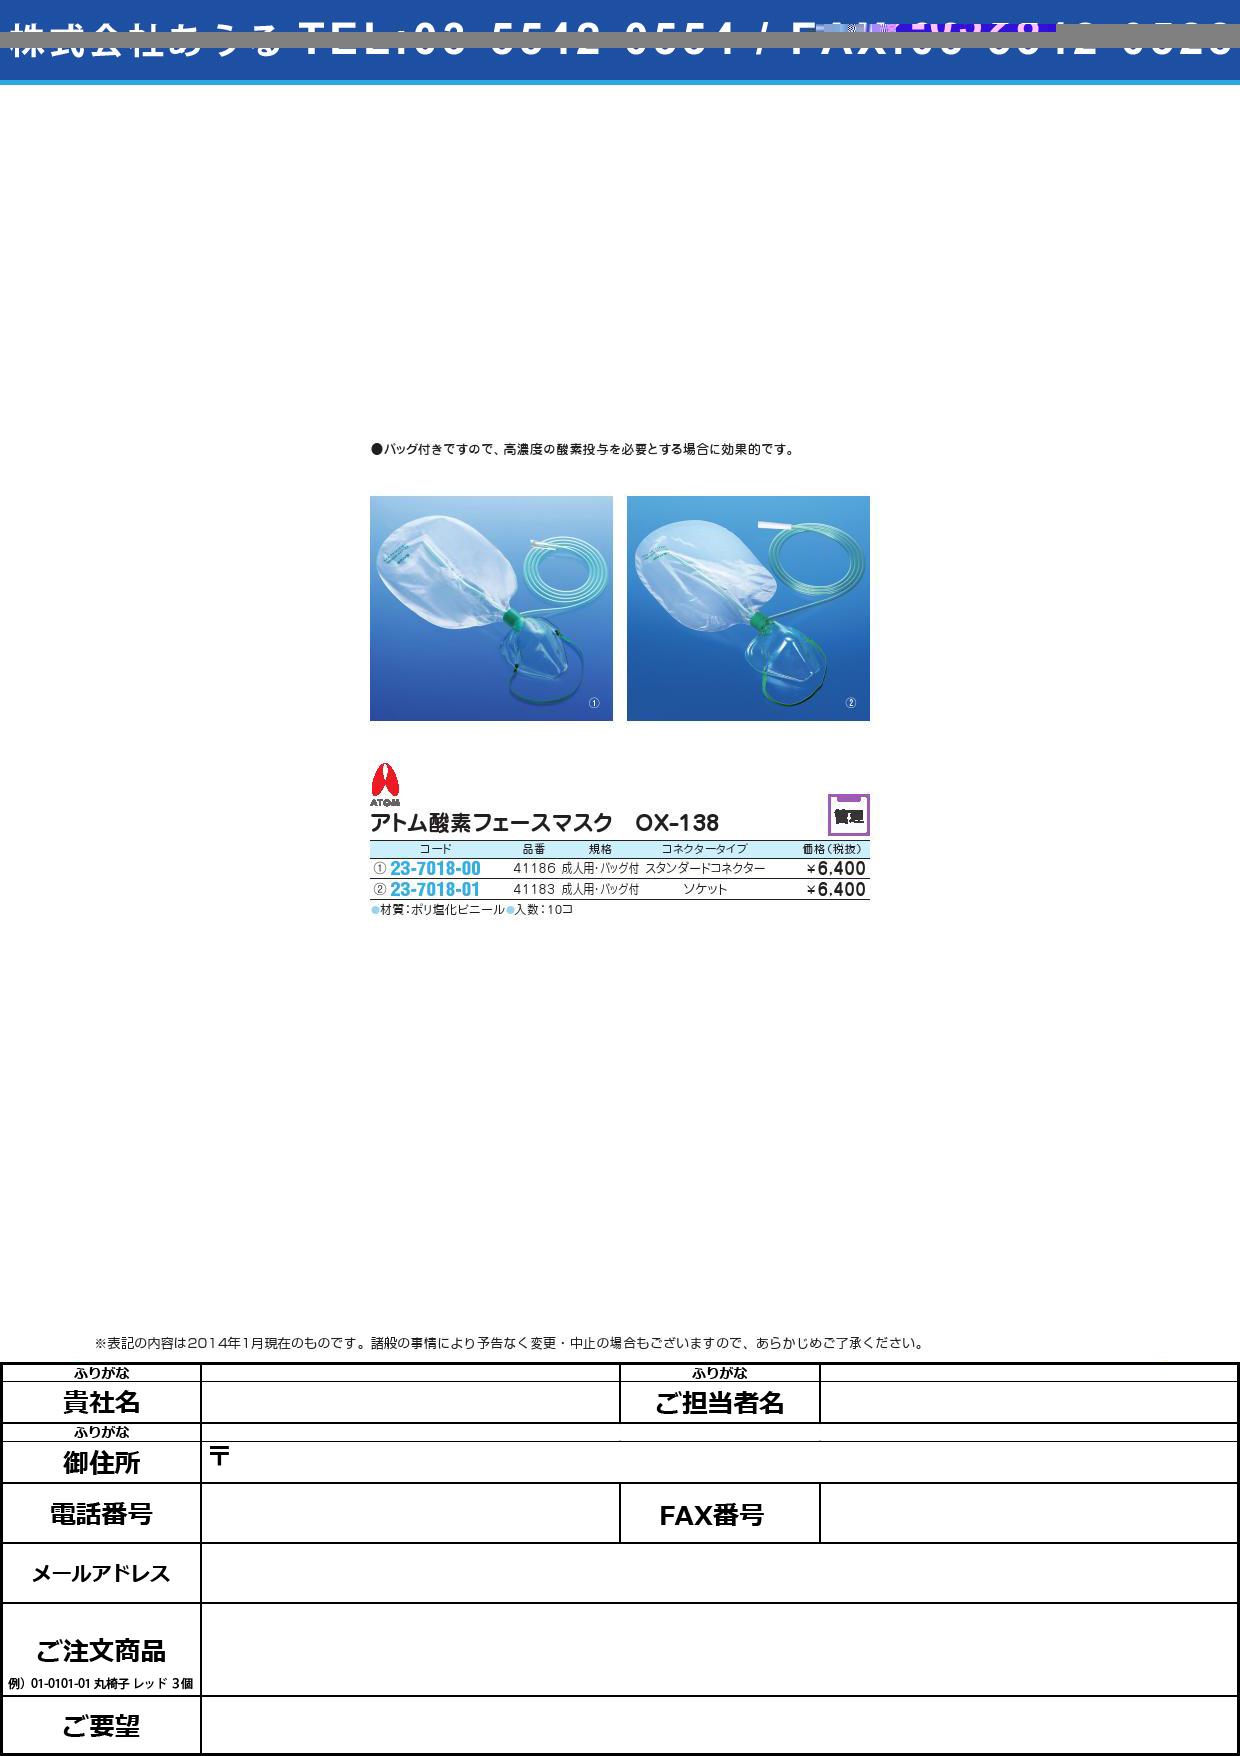 酸素フェースマスクOX−138(成人 サンソフェースマスクOX-138セイジ 41183(ソケット)10イリ【1箱単位】(23-7018-01)